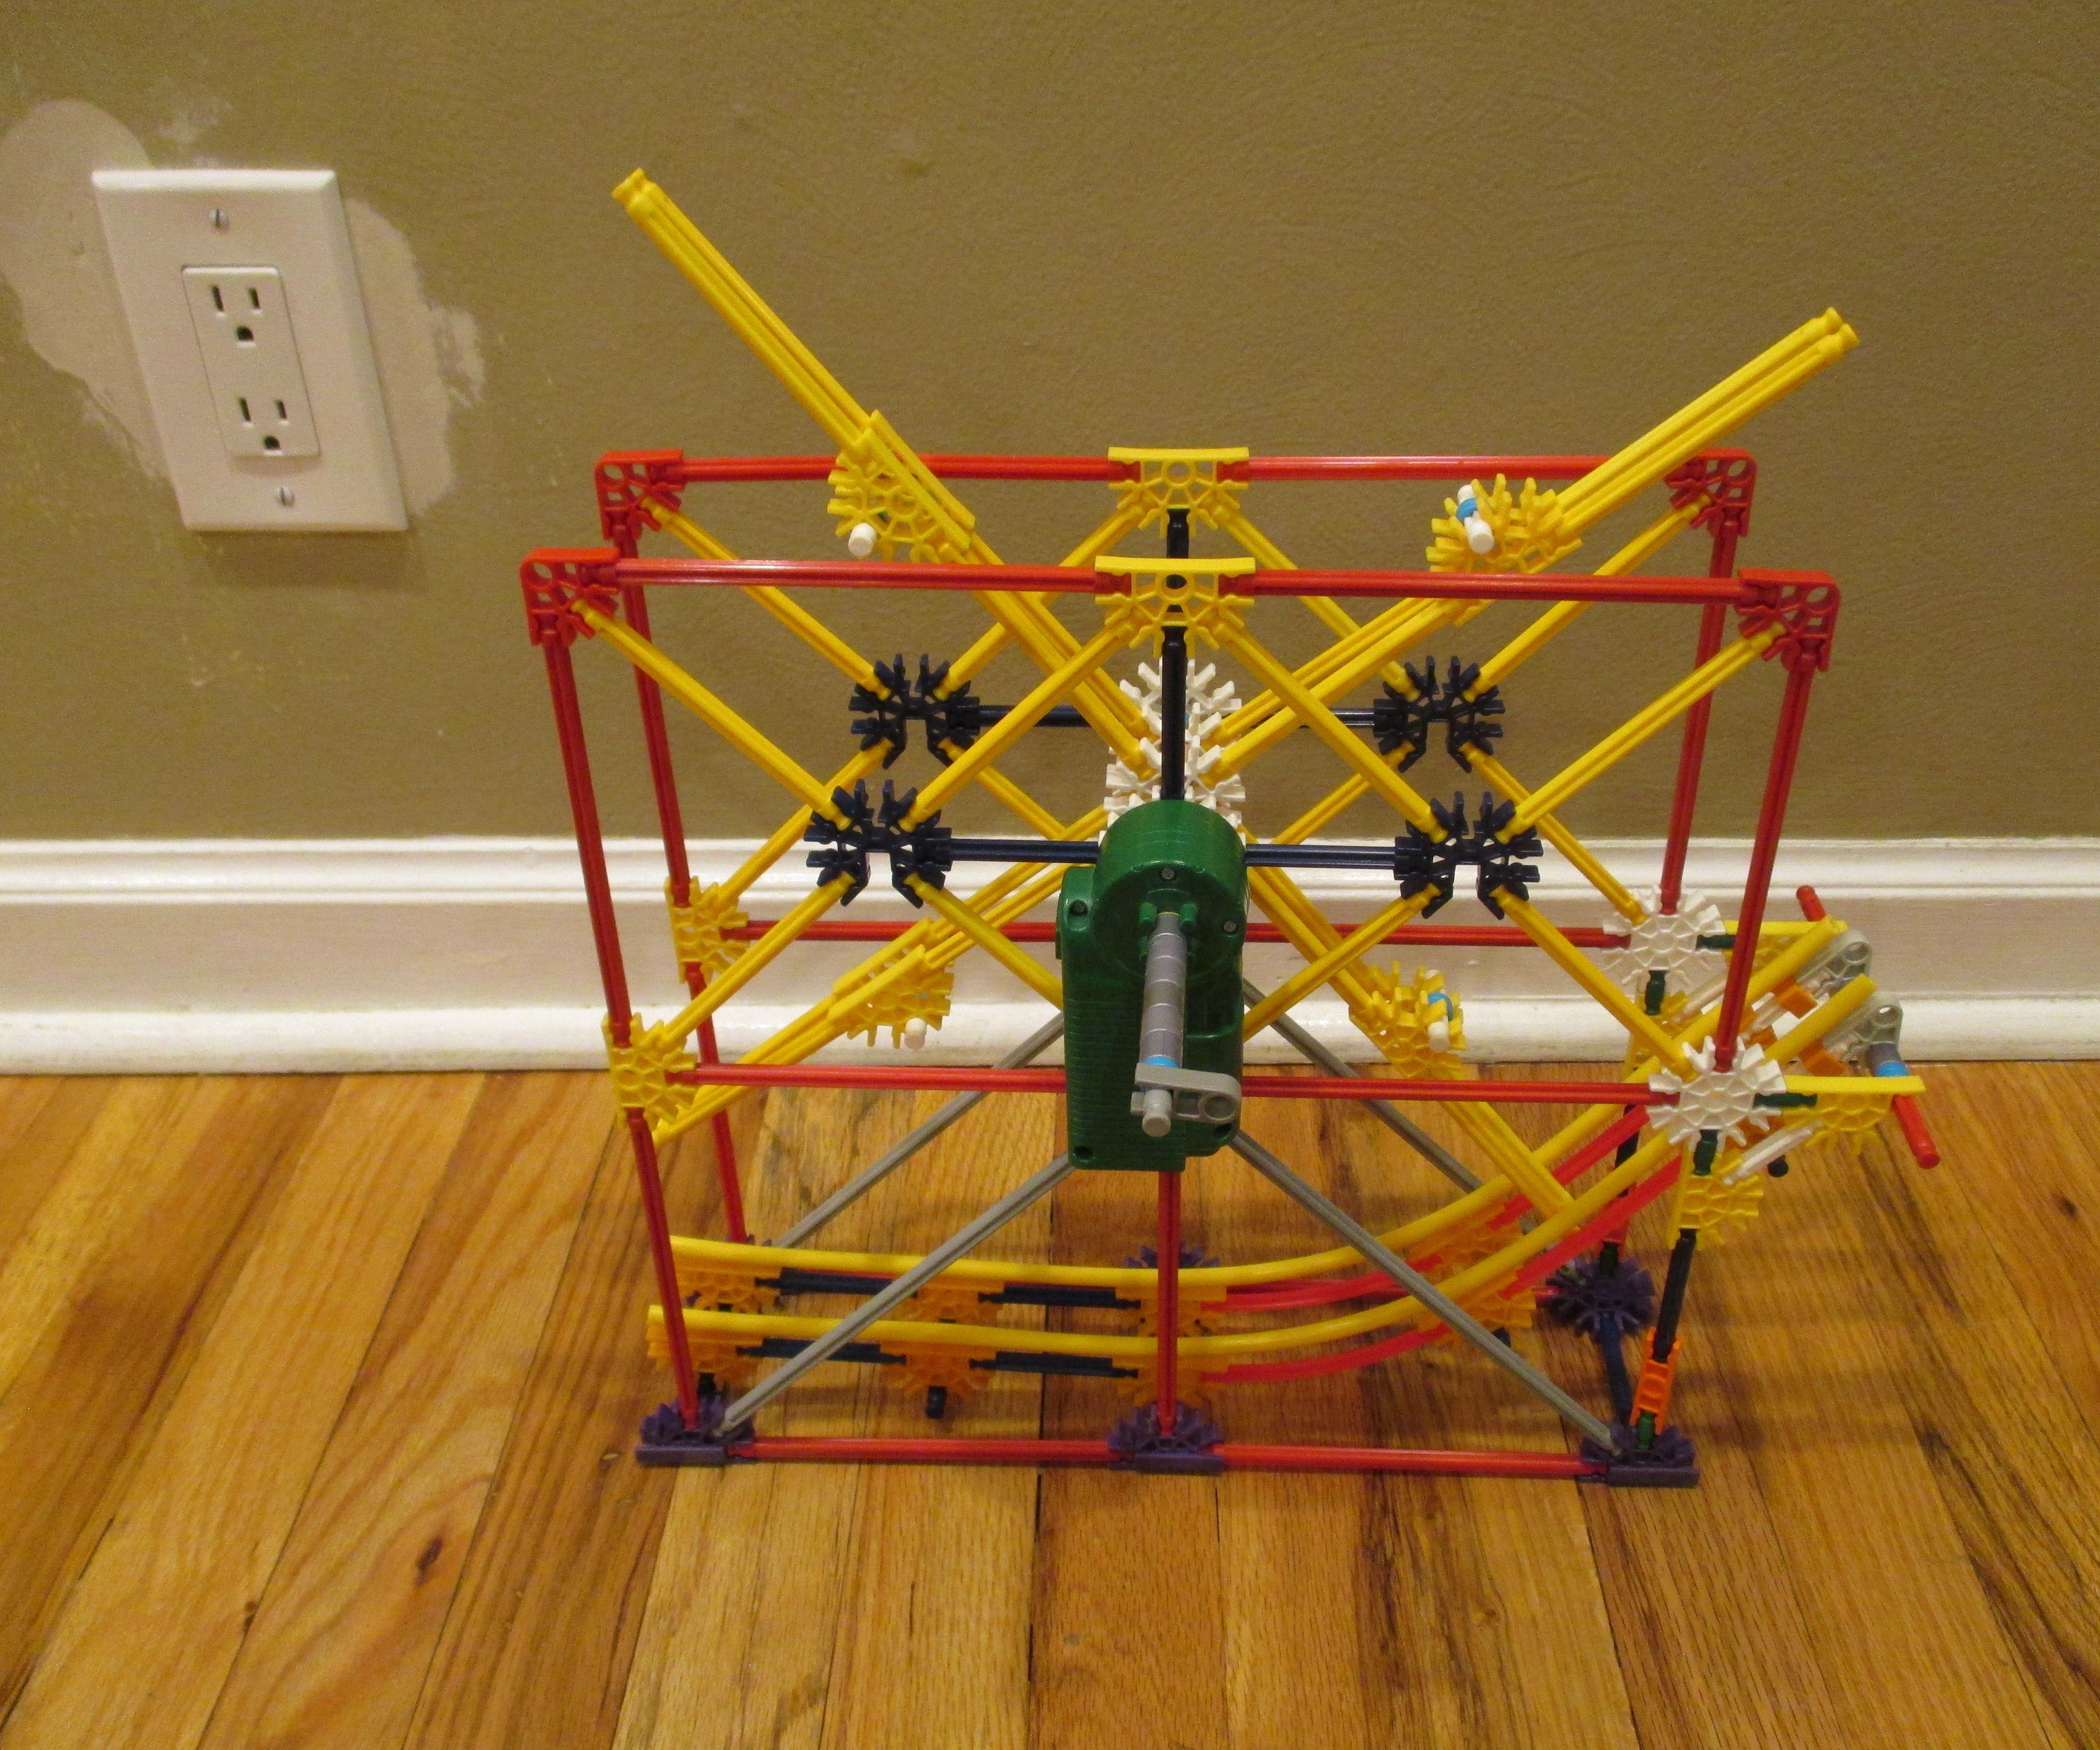 Knextus's Wheel Lift - a K'nex Ball Machine Lift